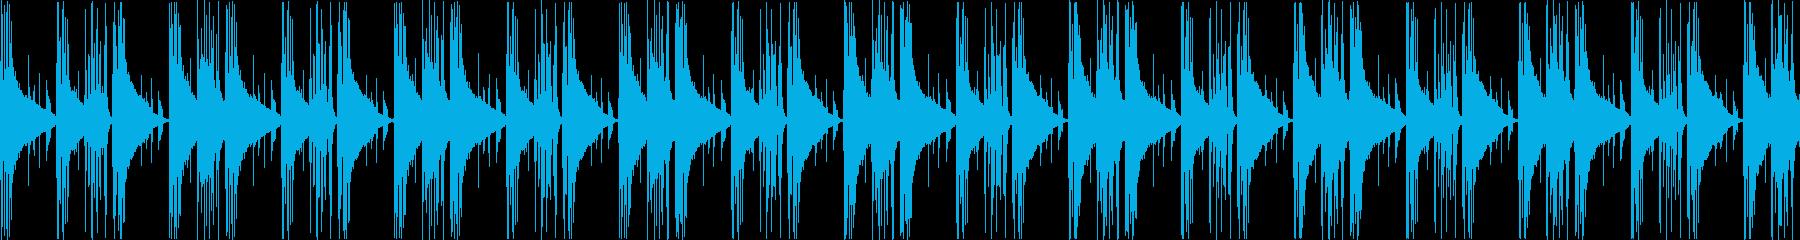 エレクトリックピアノが響く静かなループ曲の再生済みの波形